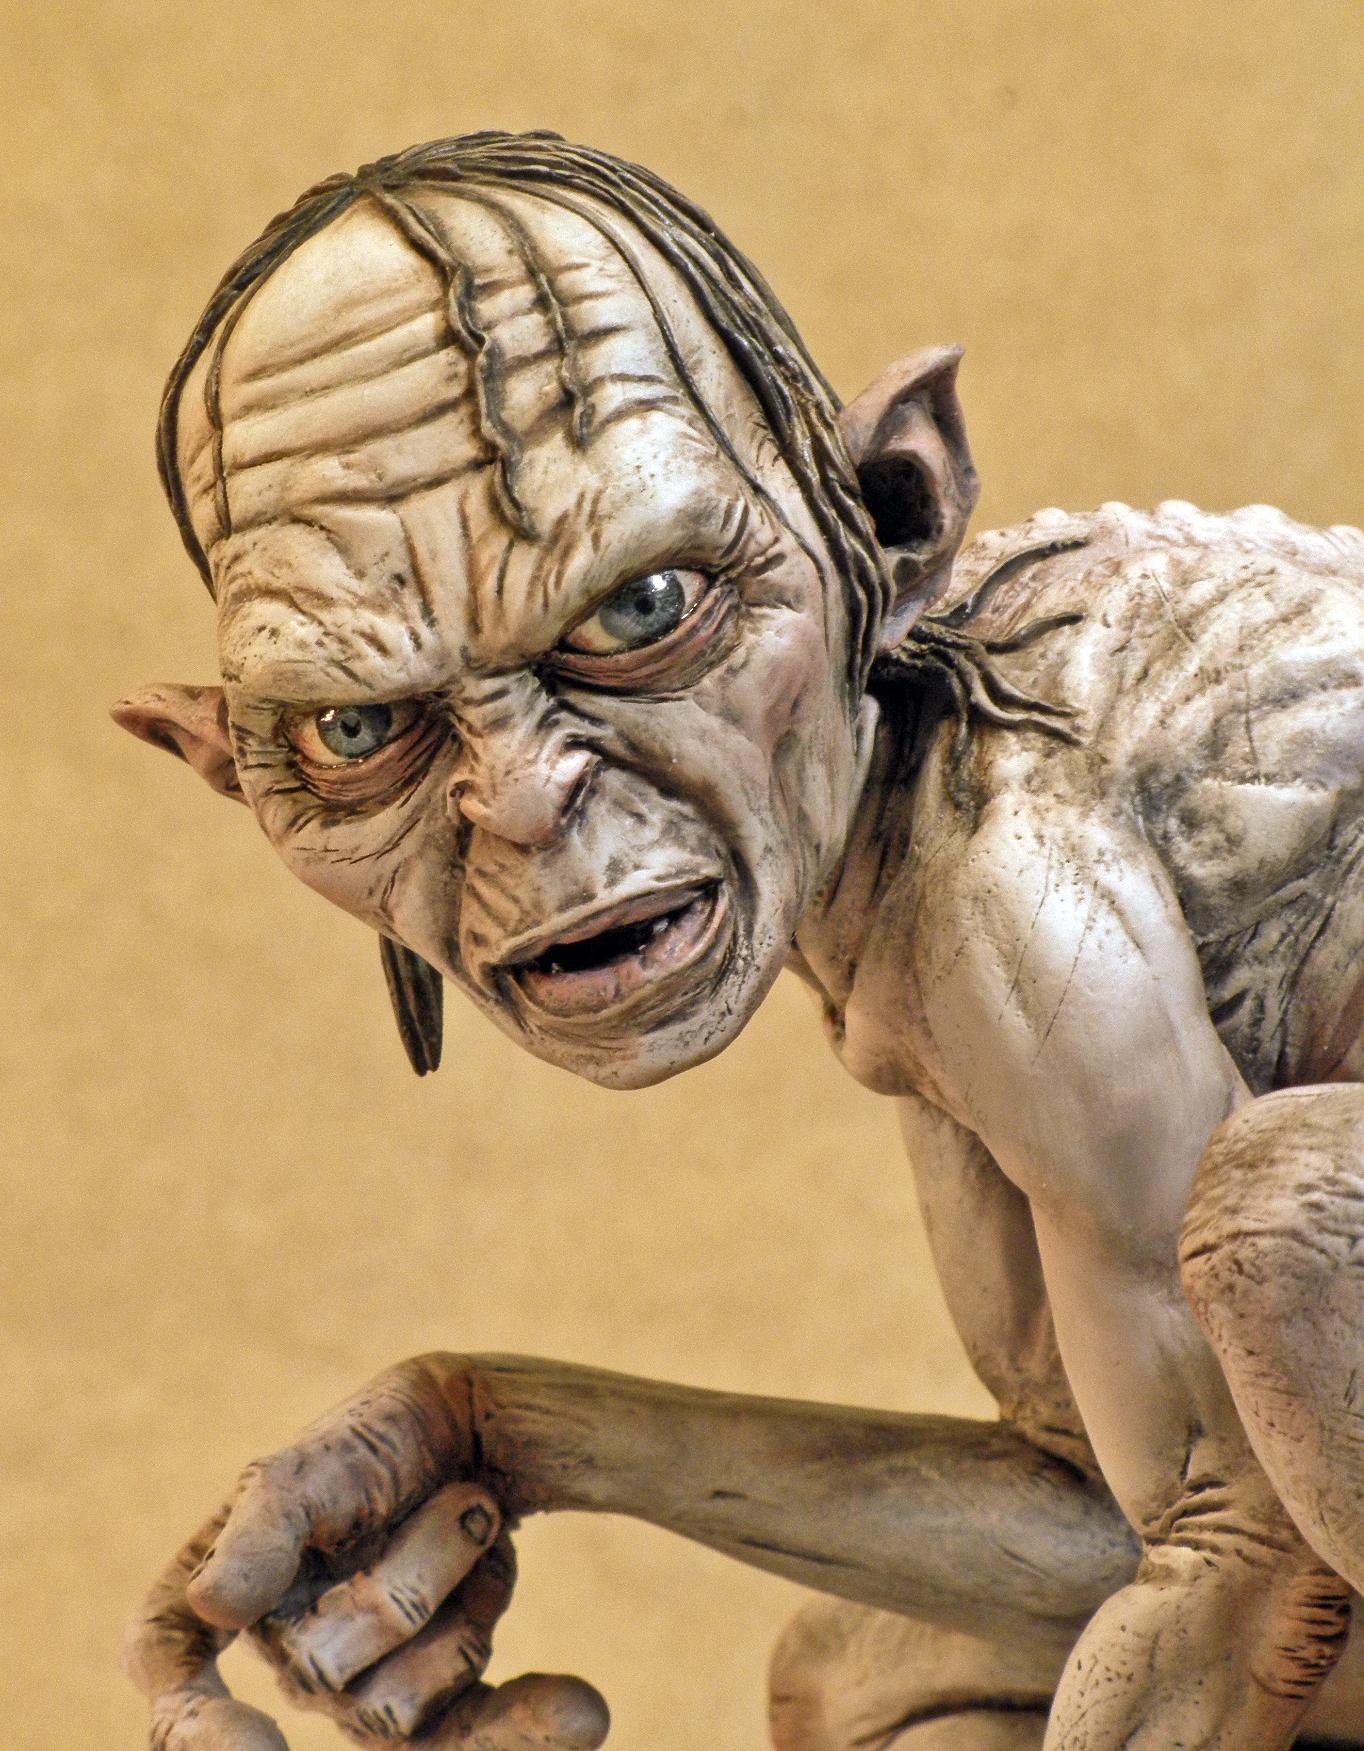 Gollum's Face